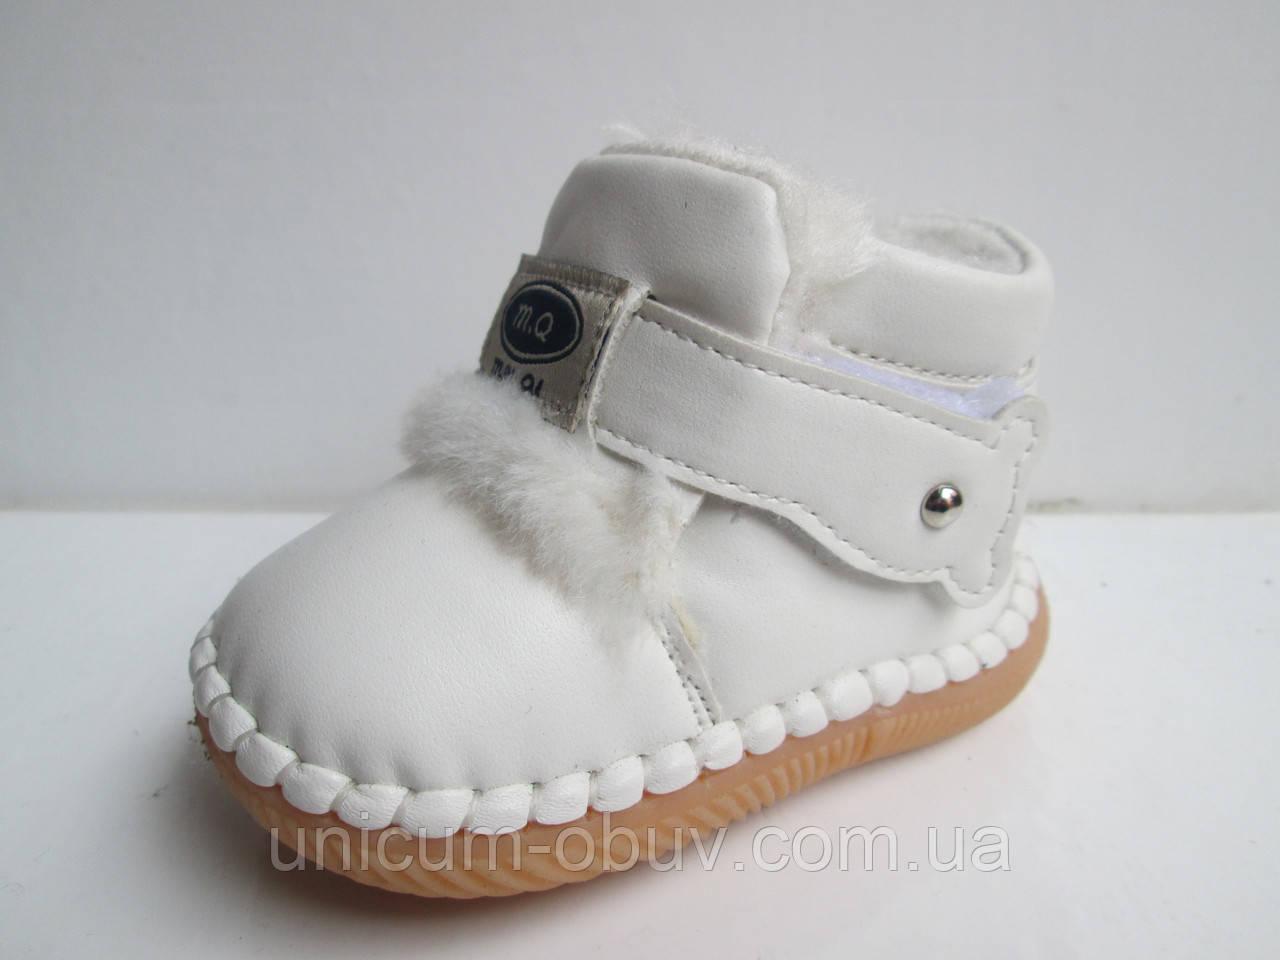 """Зимние Пинетки для малышей ТМ.Clibee(разм 13-16) - """"Уникум""""- Оптовый интернет магазин  детской обуви!"""" в Одессе"""